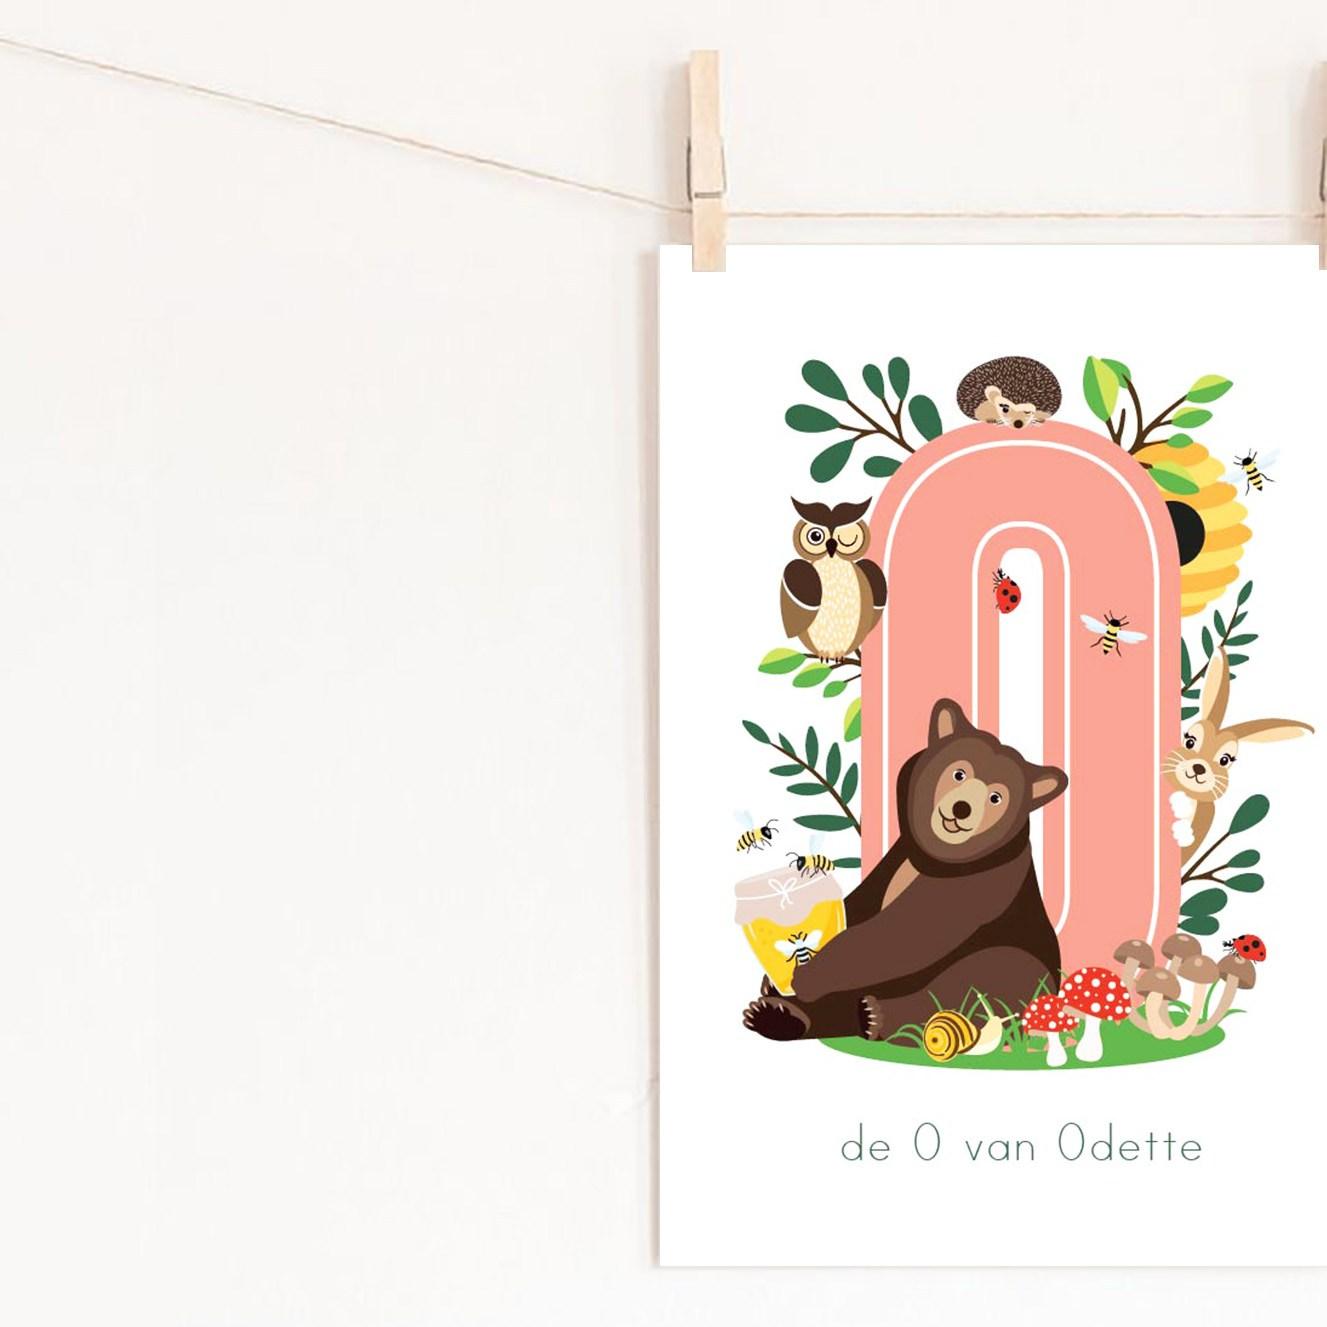 gepersonaliseerde poster dieren met letter bos ontwerp door lindy